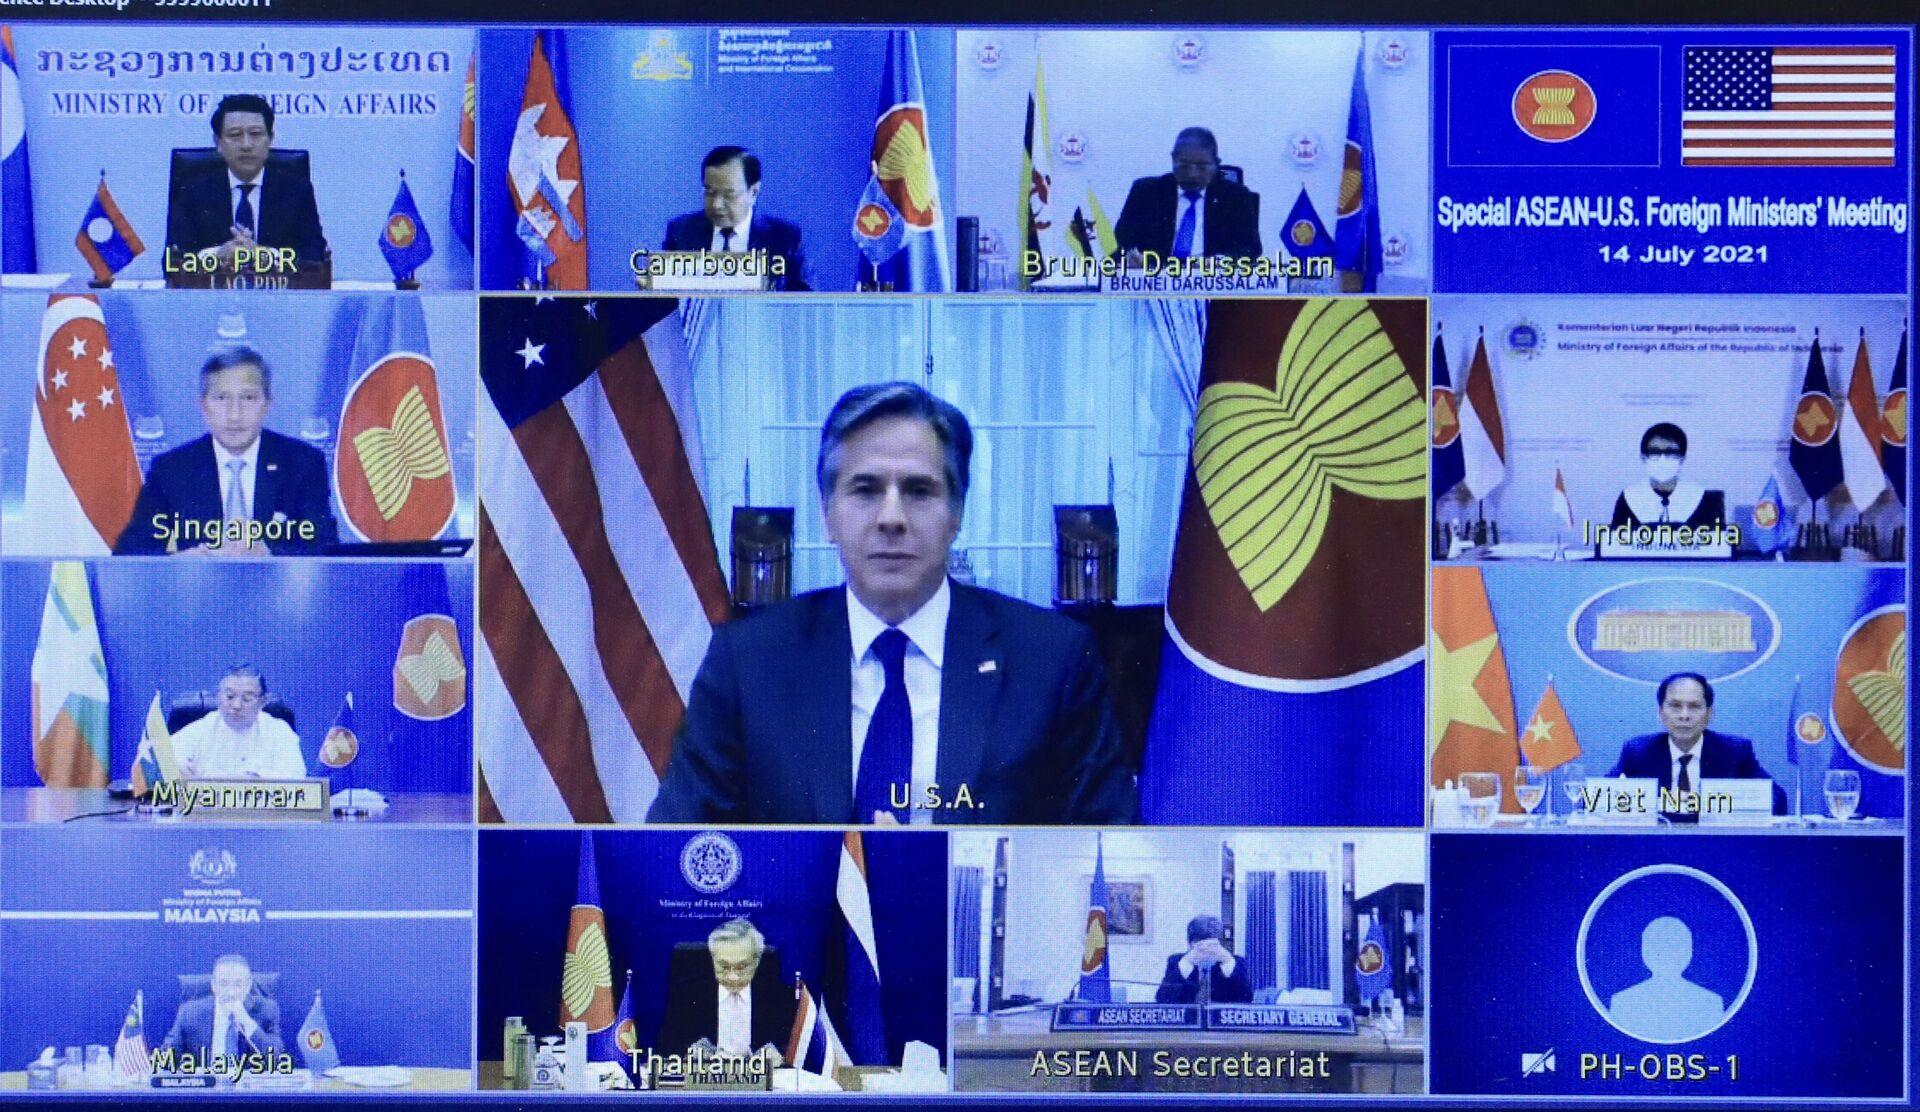 ASEAN- Mỹ họp về tình hình Myanmar và Biển Đông - Sputnik Việt Nam, 1920, 14.07.2021